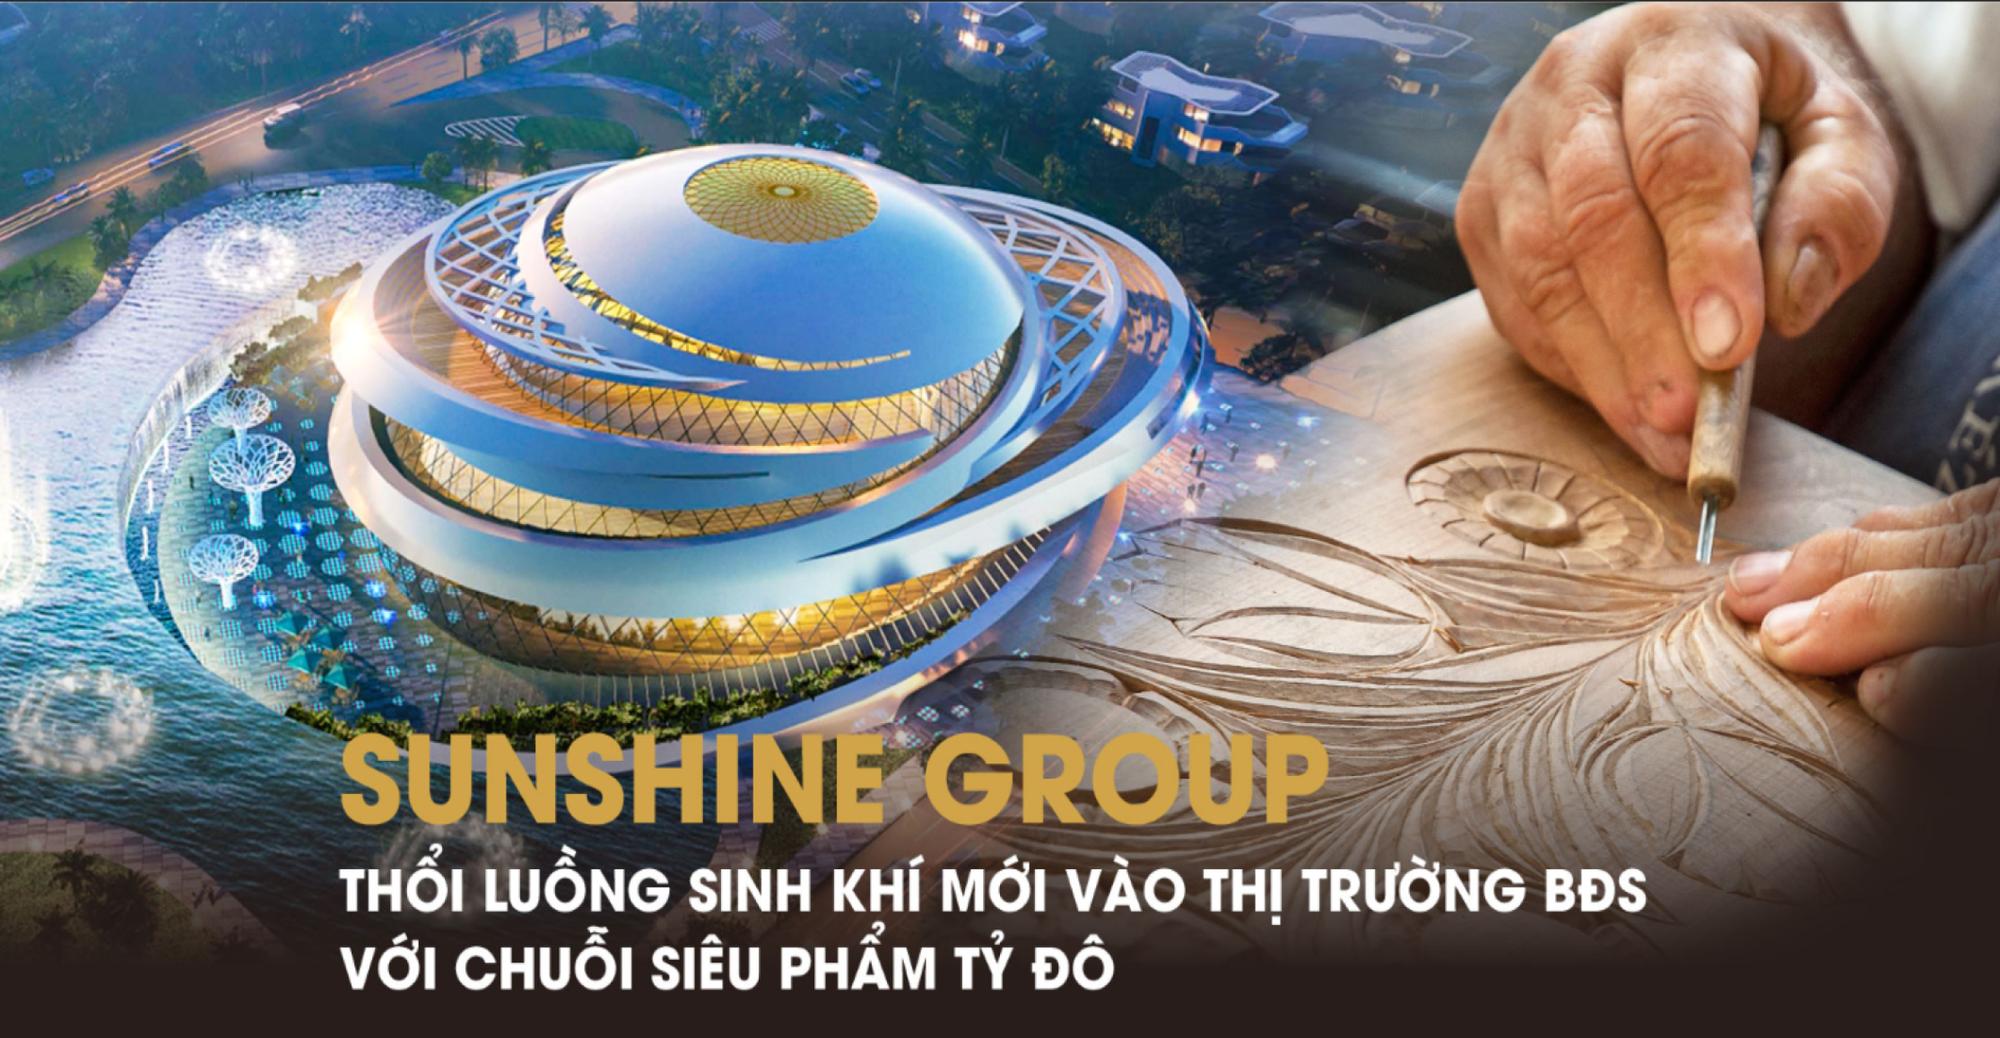 Sunshine Group thổi luồng sinh khí mới vào thị trường bất động sản với 3 siêu phẩm tỷ đô